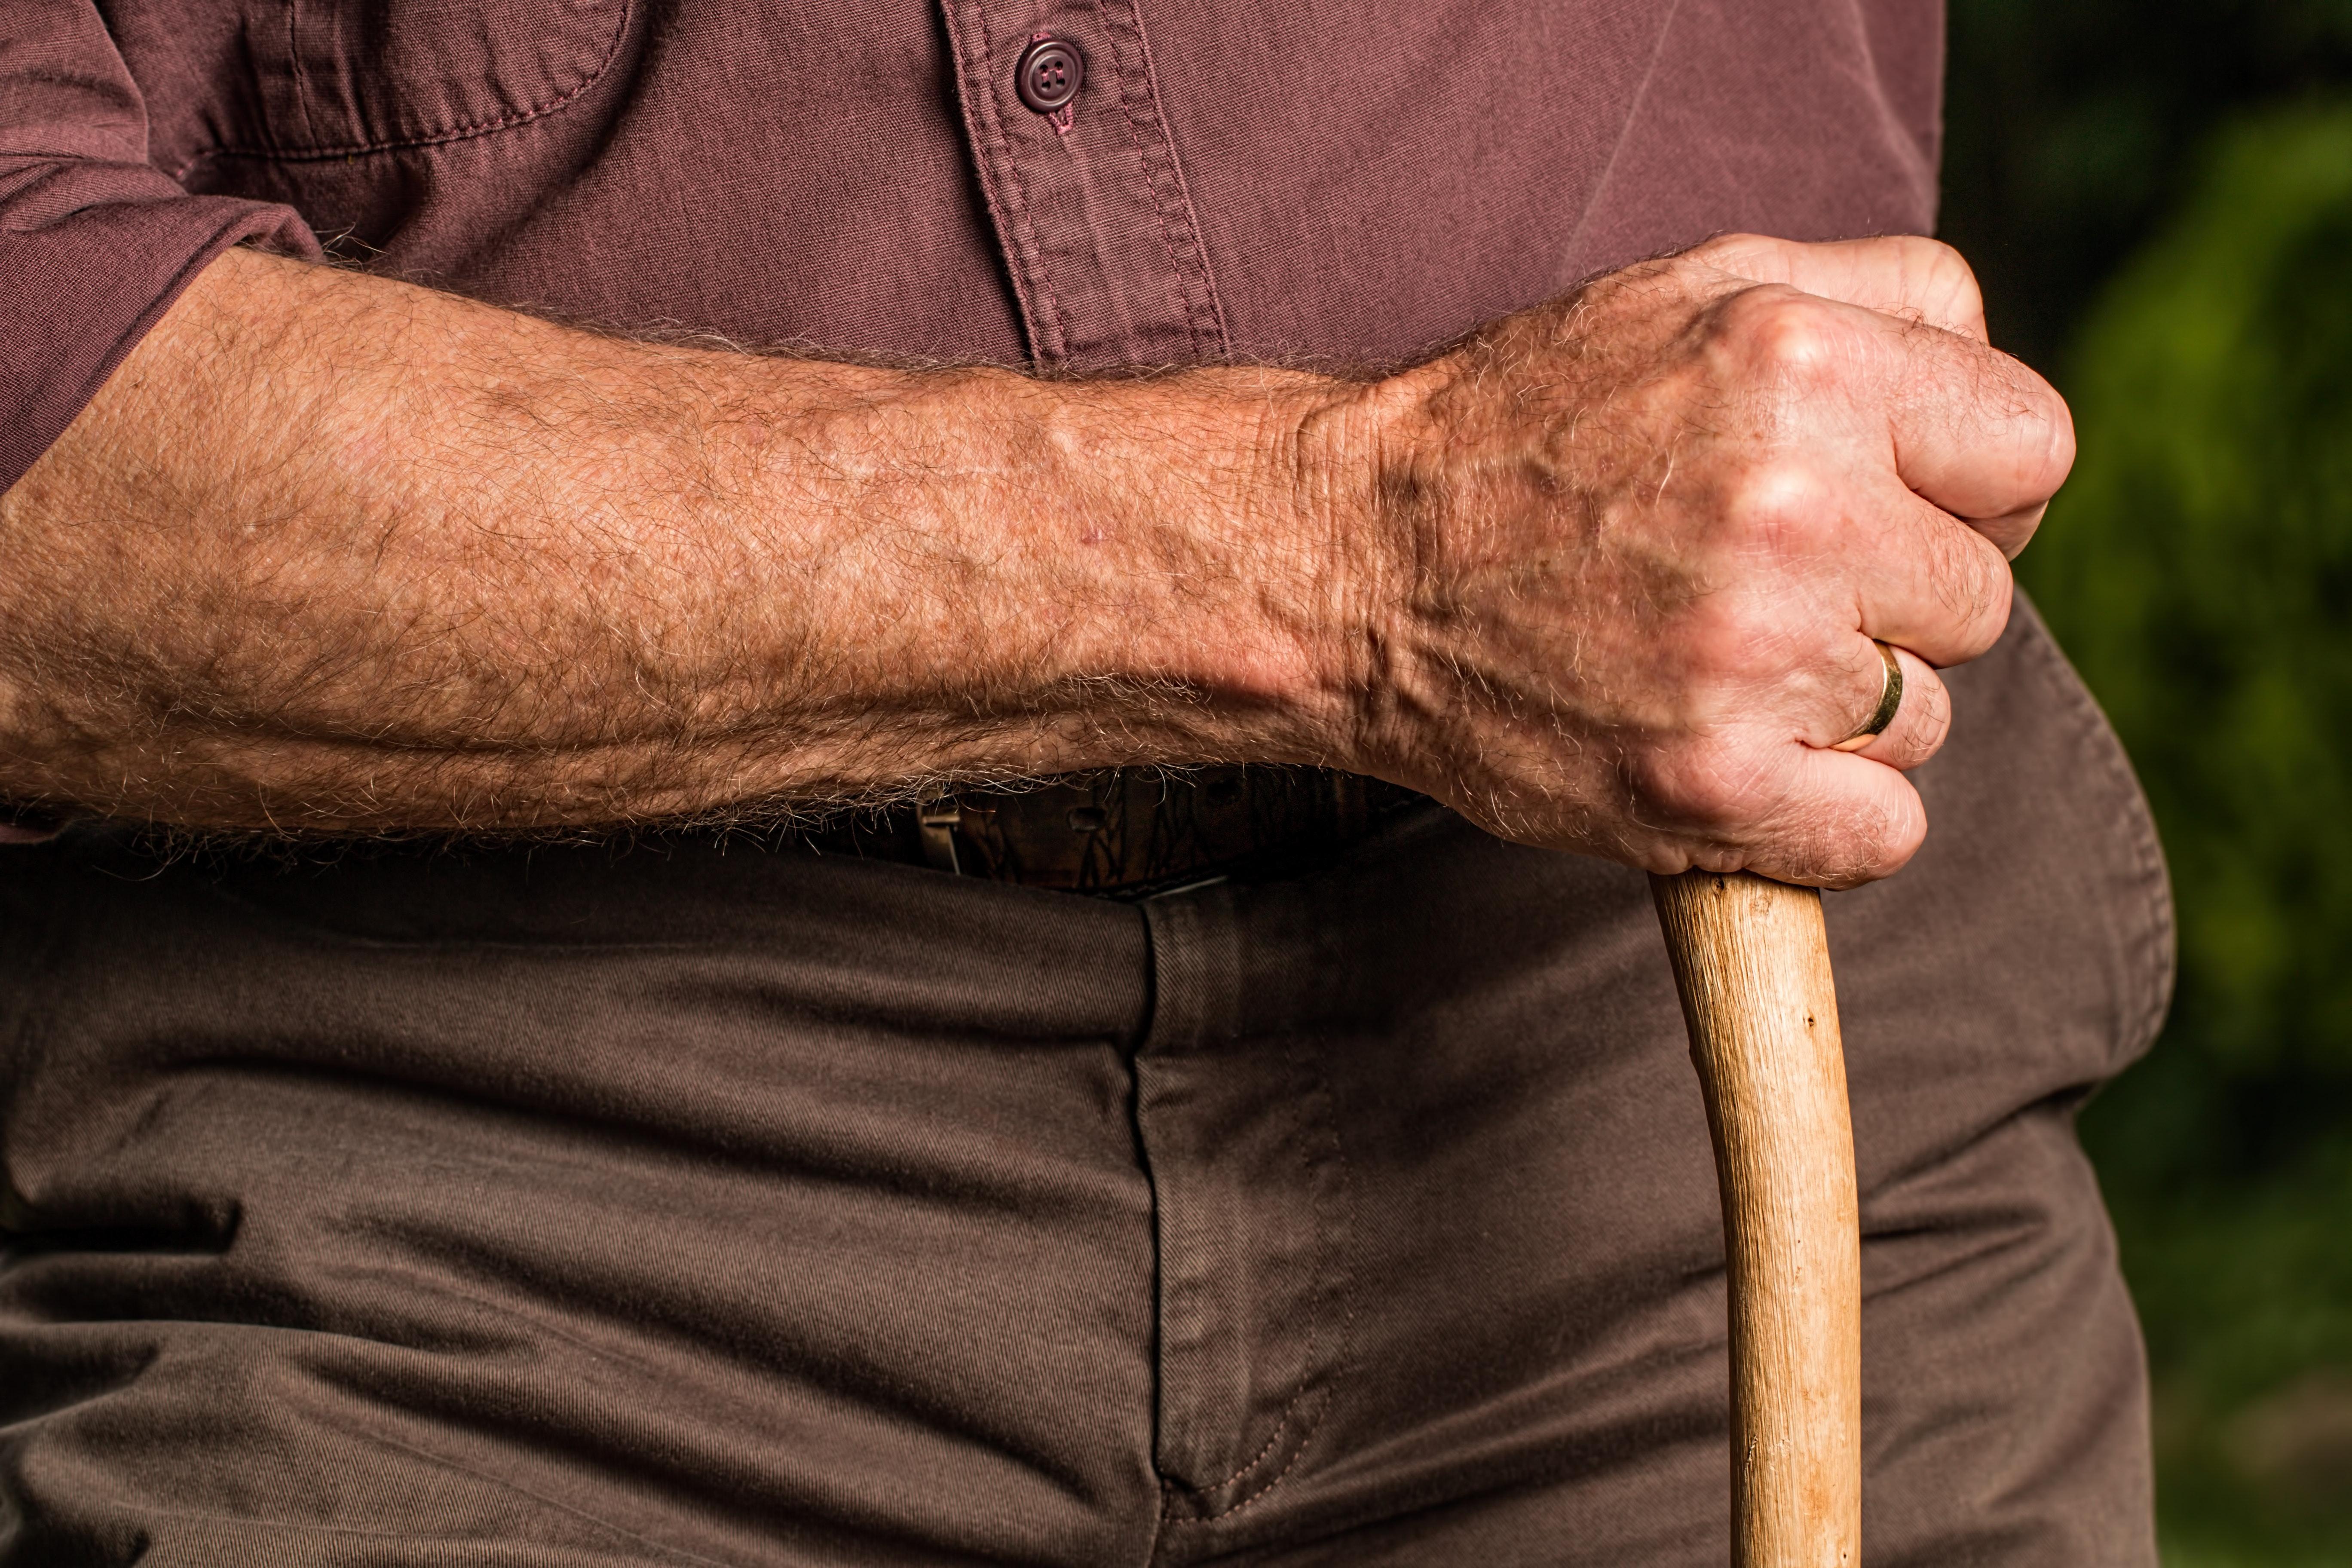 Man Holding Wood Cane, Aged, Arm, Cane, Elder, HQ Photo